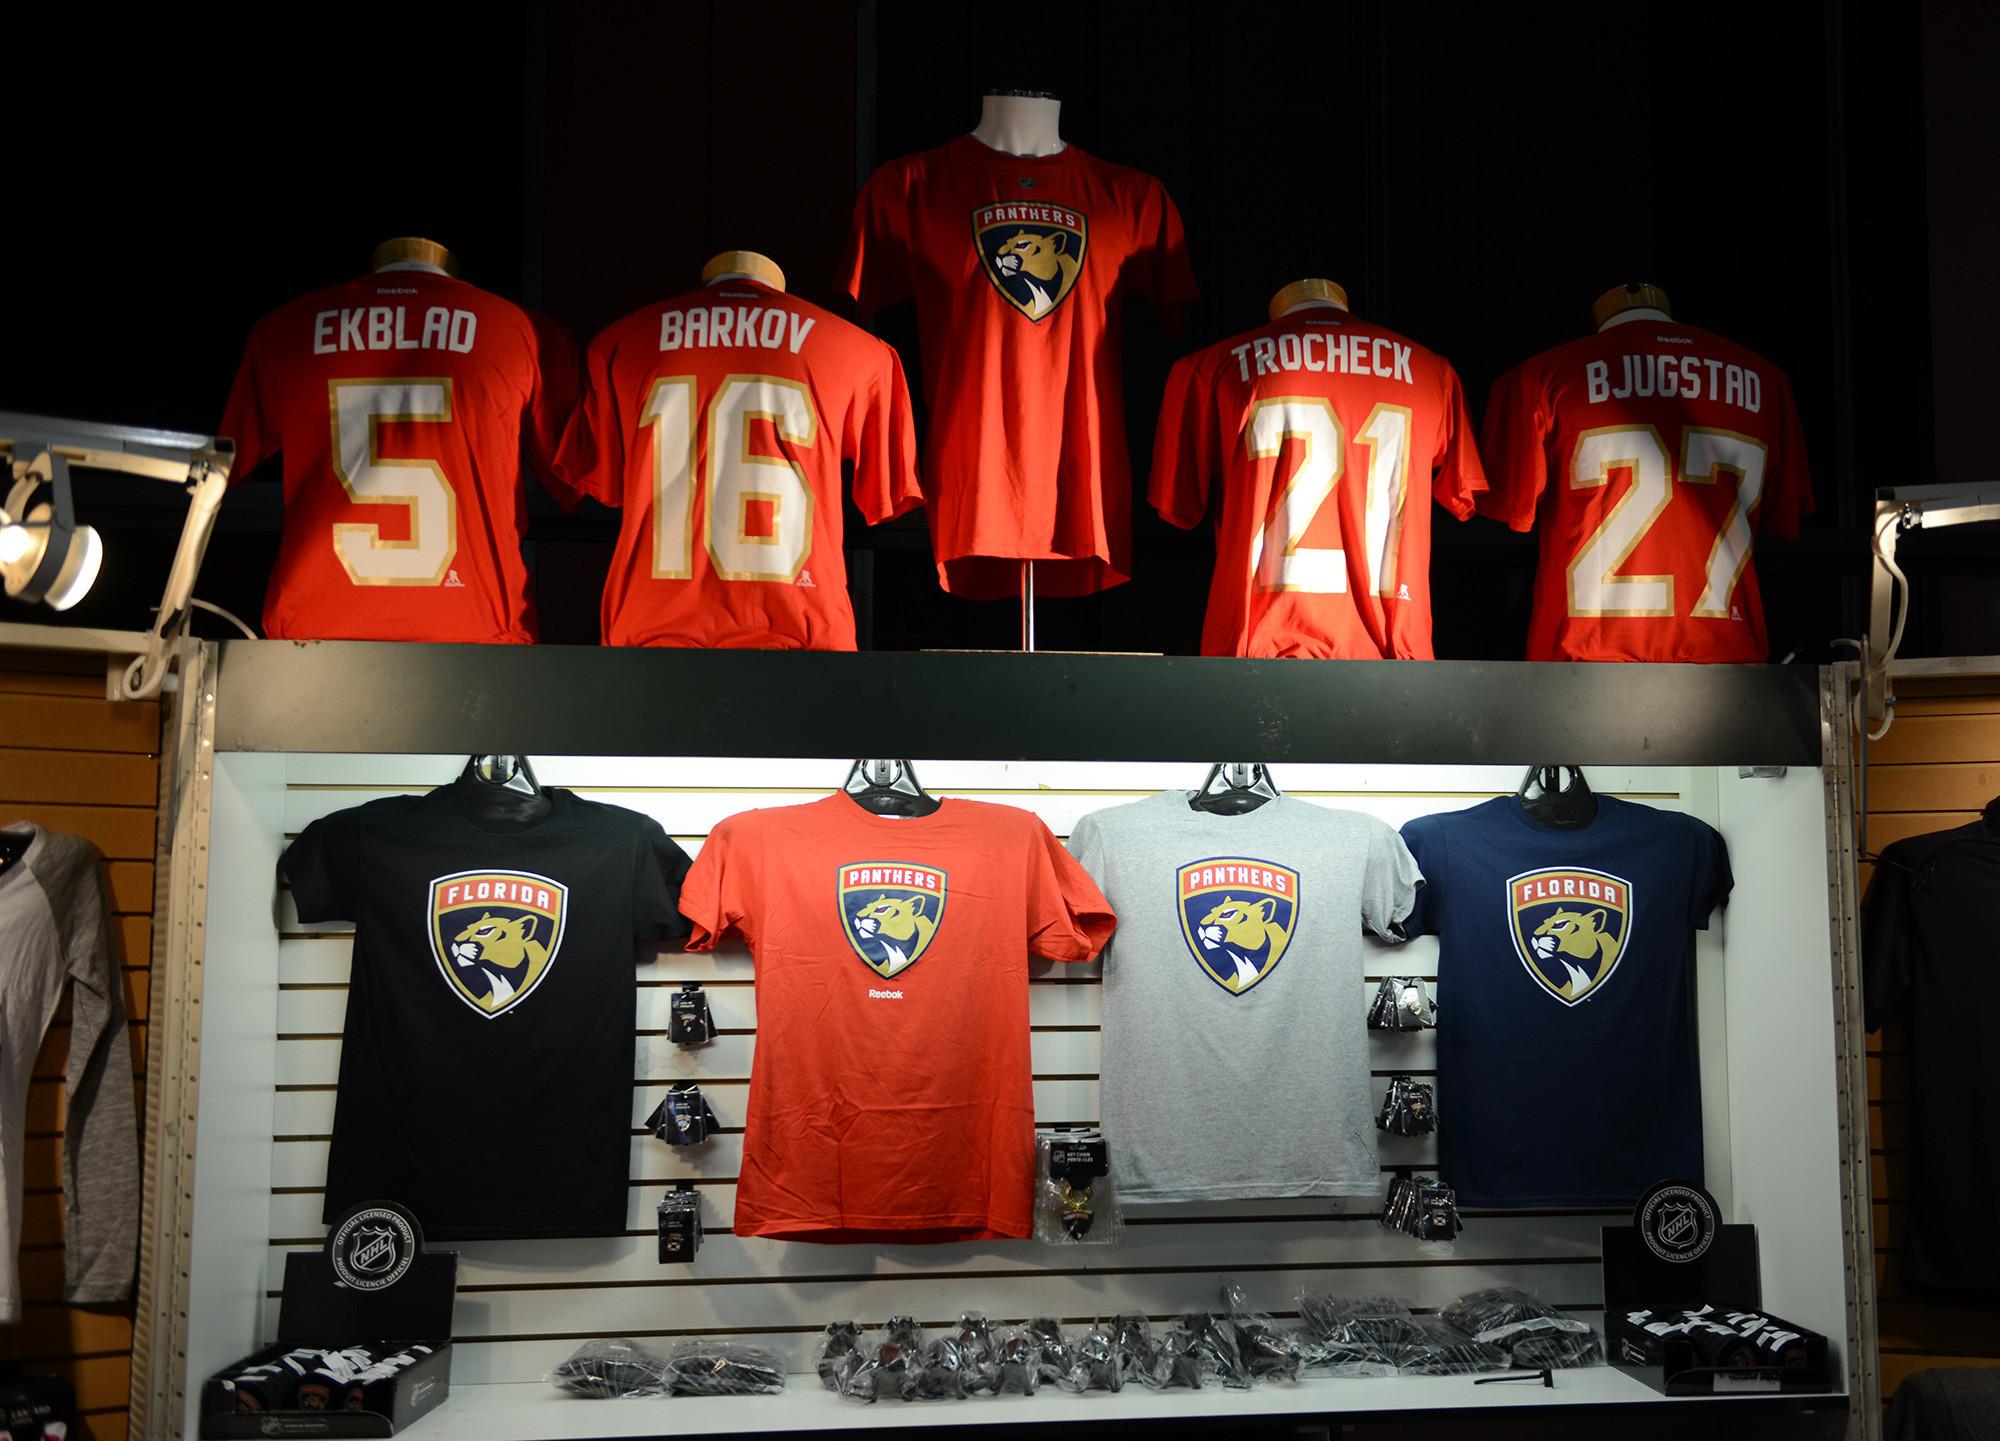 Fl-sp-panthers-jerseys-20170607